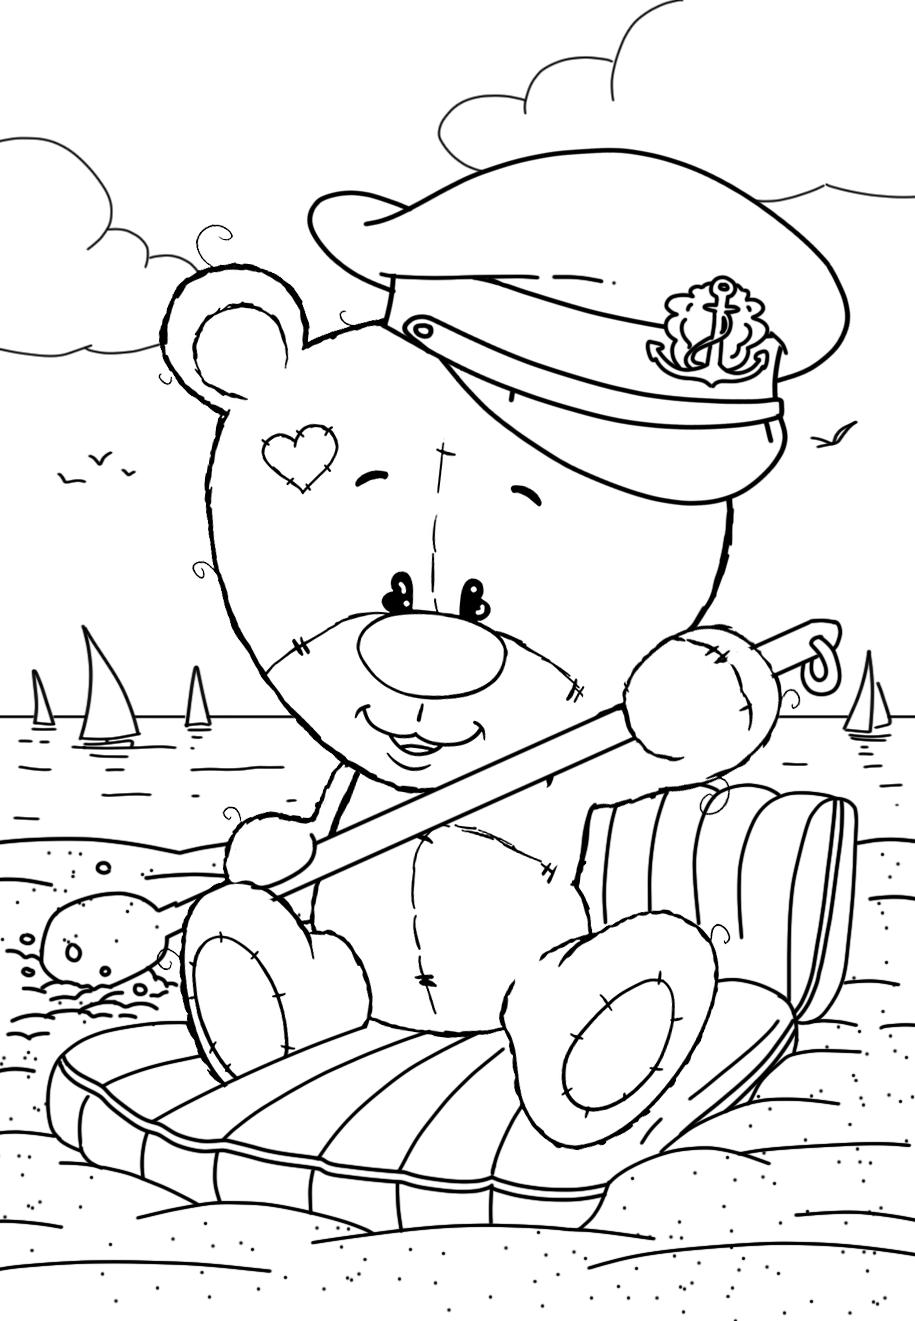 Teddy bear sailor